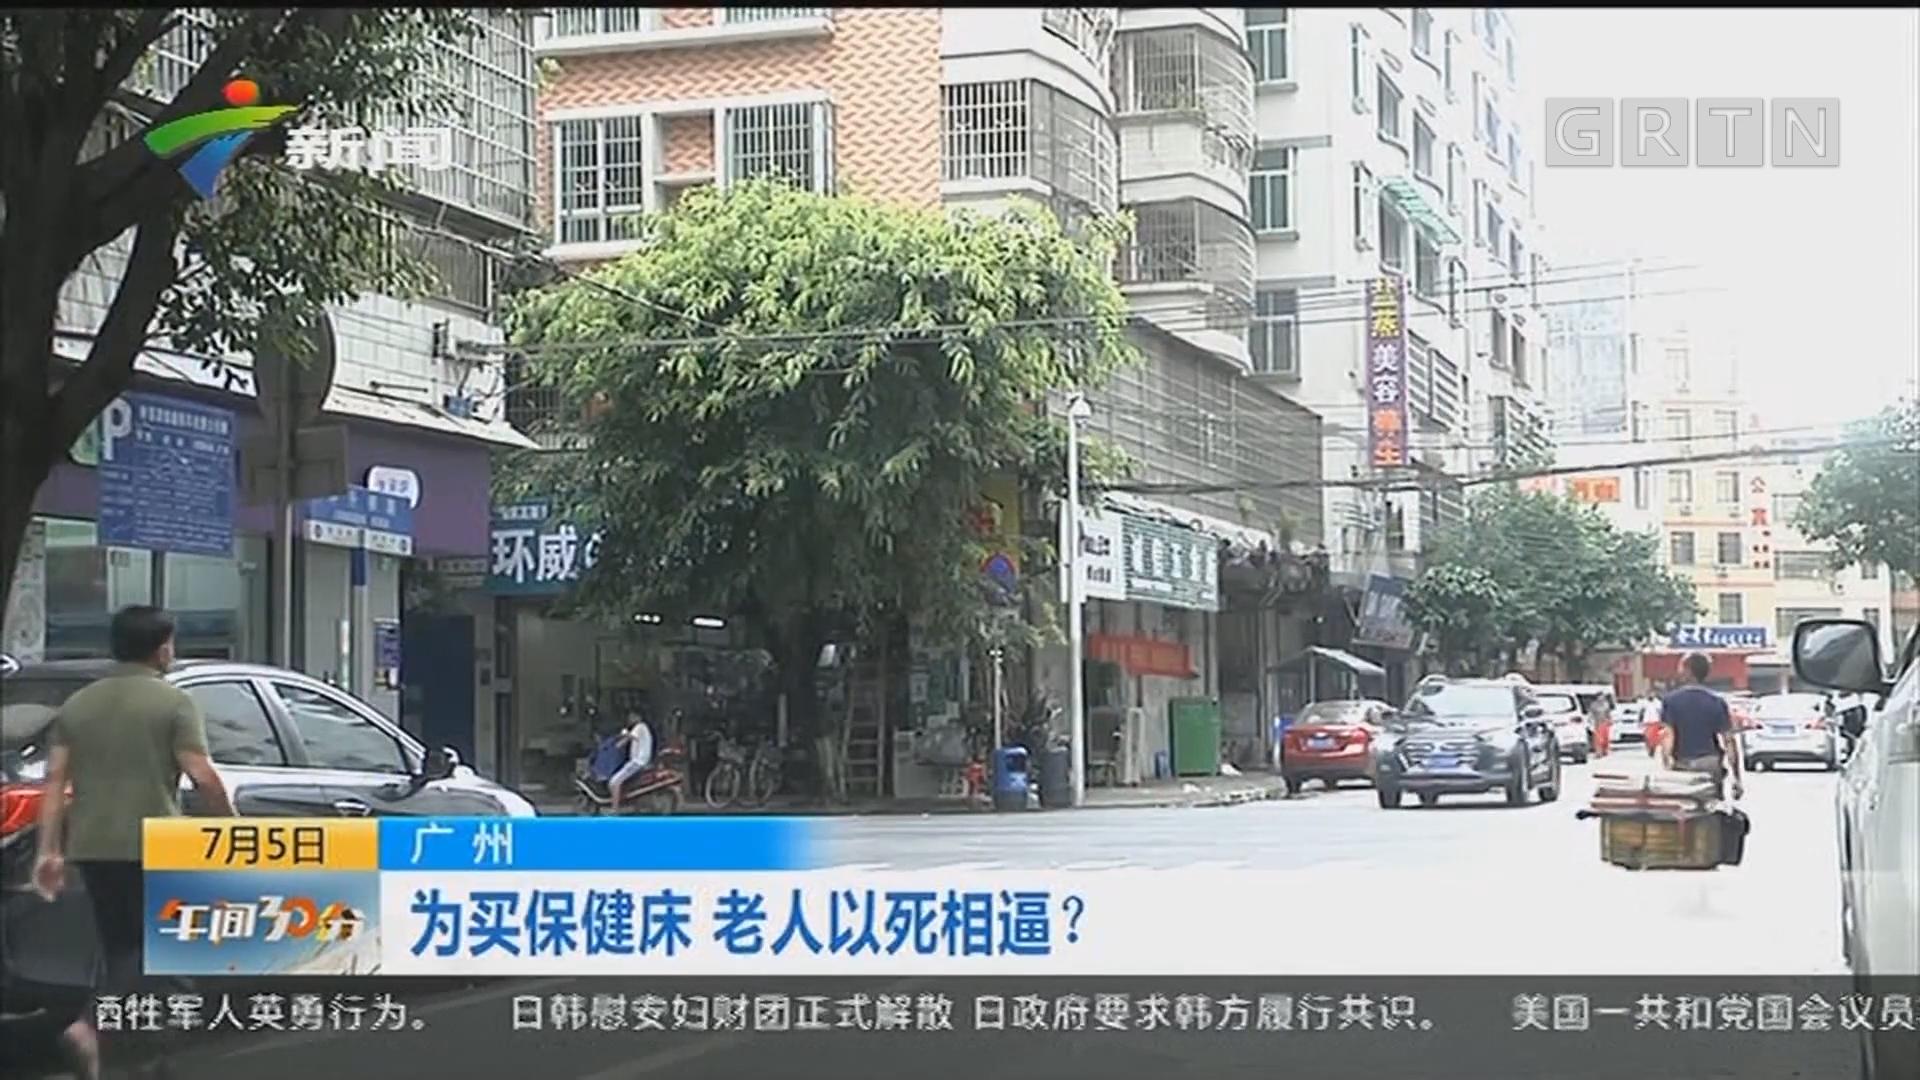 广州:为买保健床 老人以死相逼?